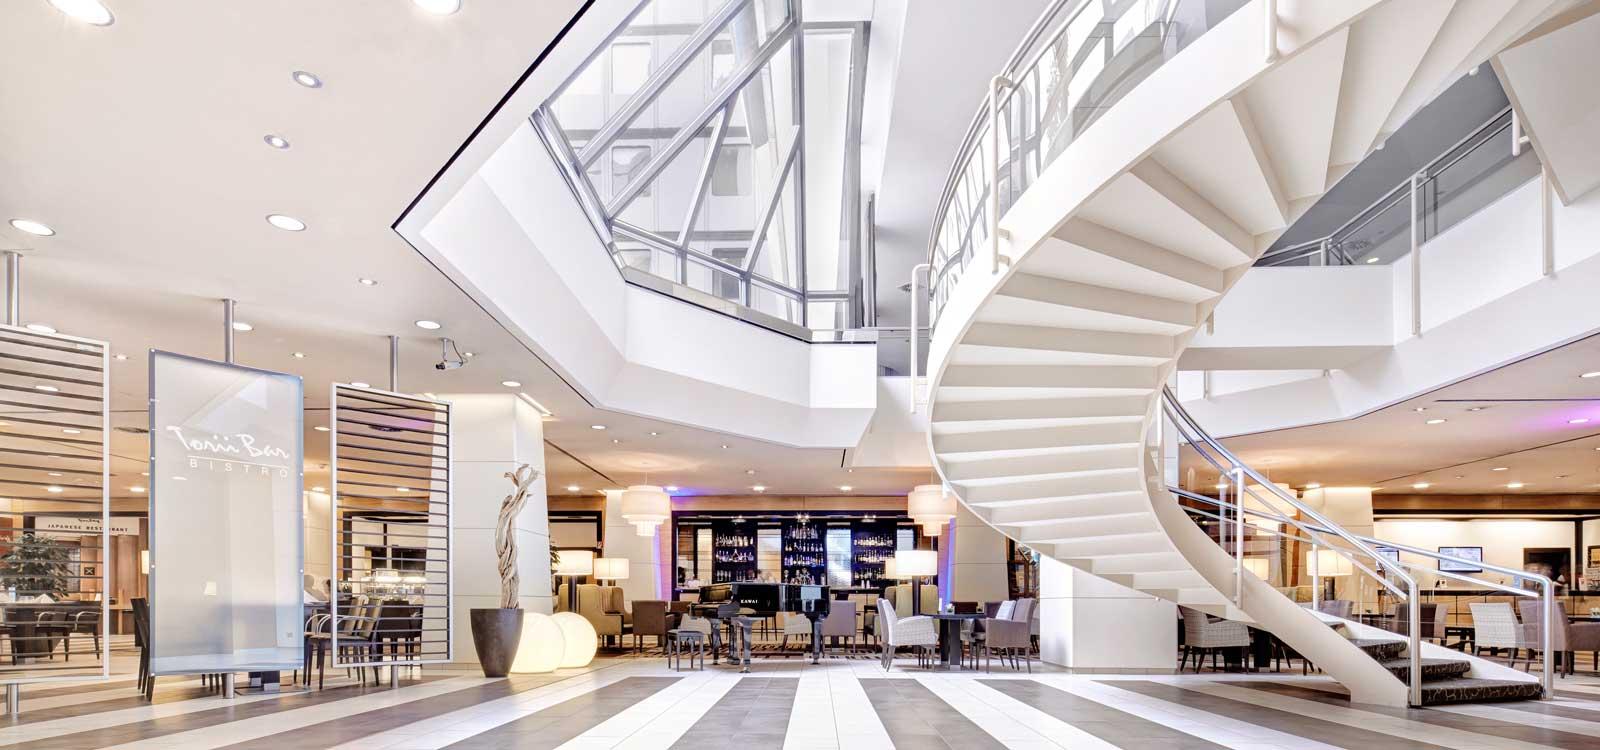 hotel nikko d sseldorf event hotels intl. Black Bedroom Furniture Sets. Home Design Ideas